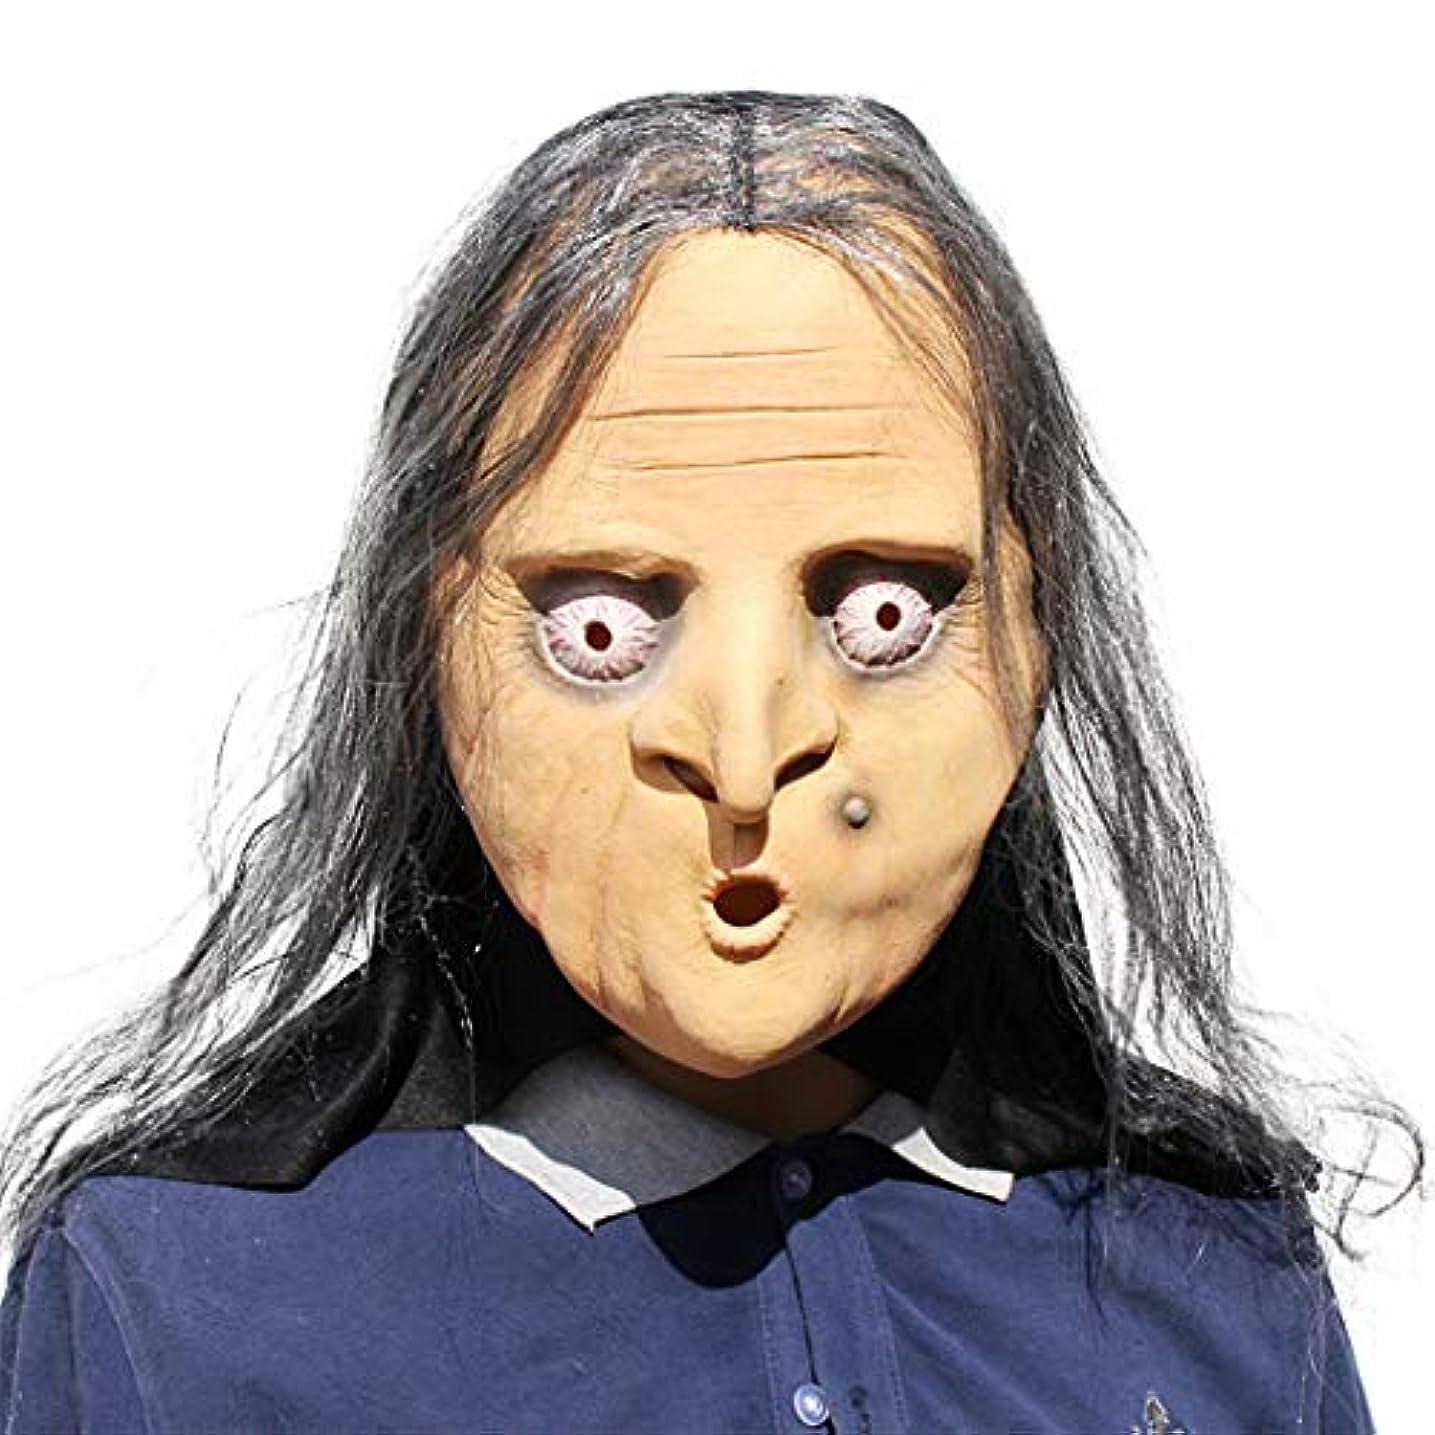 ハロウィーンマスク、ラテックスマスク、なりすまし魔女怖い通気性快適なフード、ハロウィーン仮装用、ギフト、コスチュームパーティー、イースター